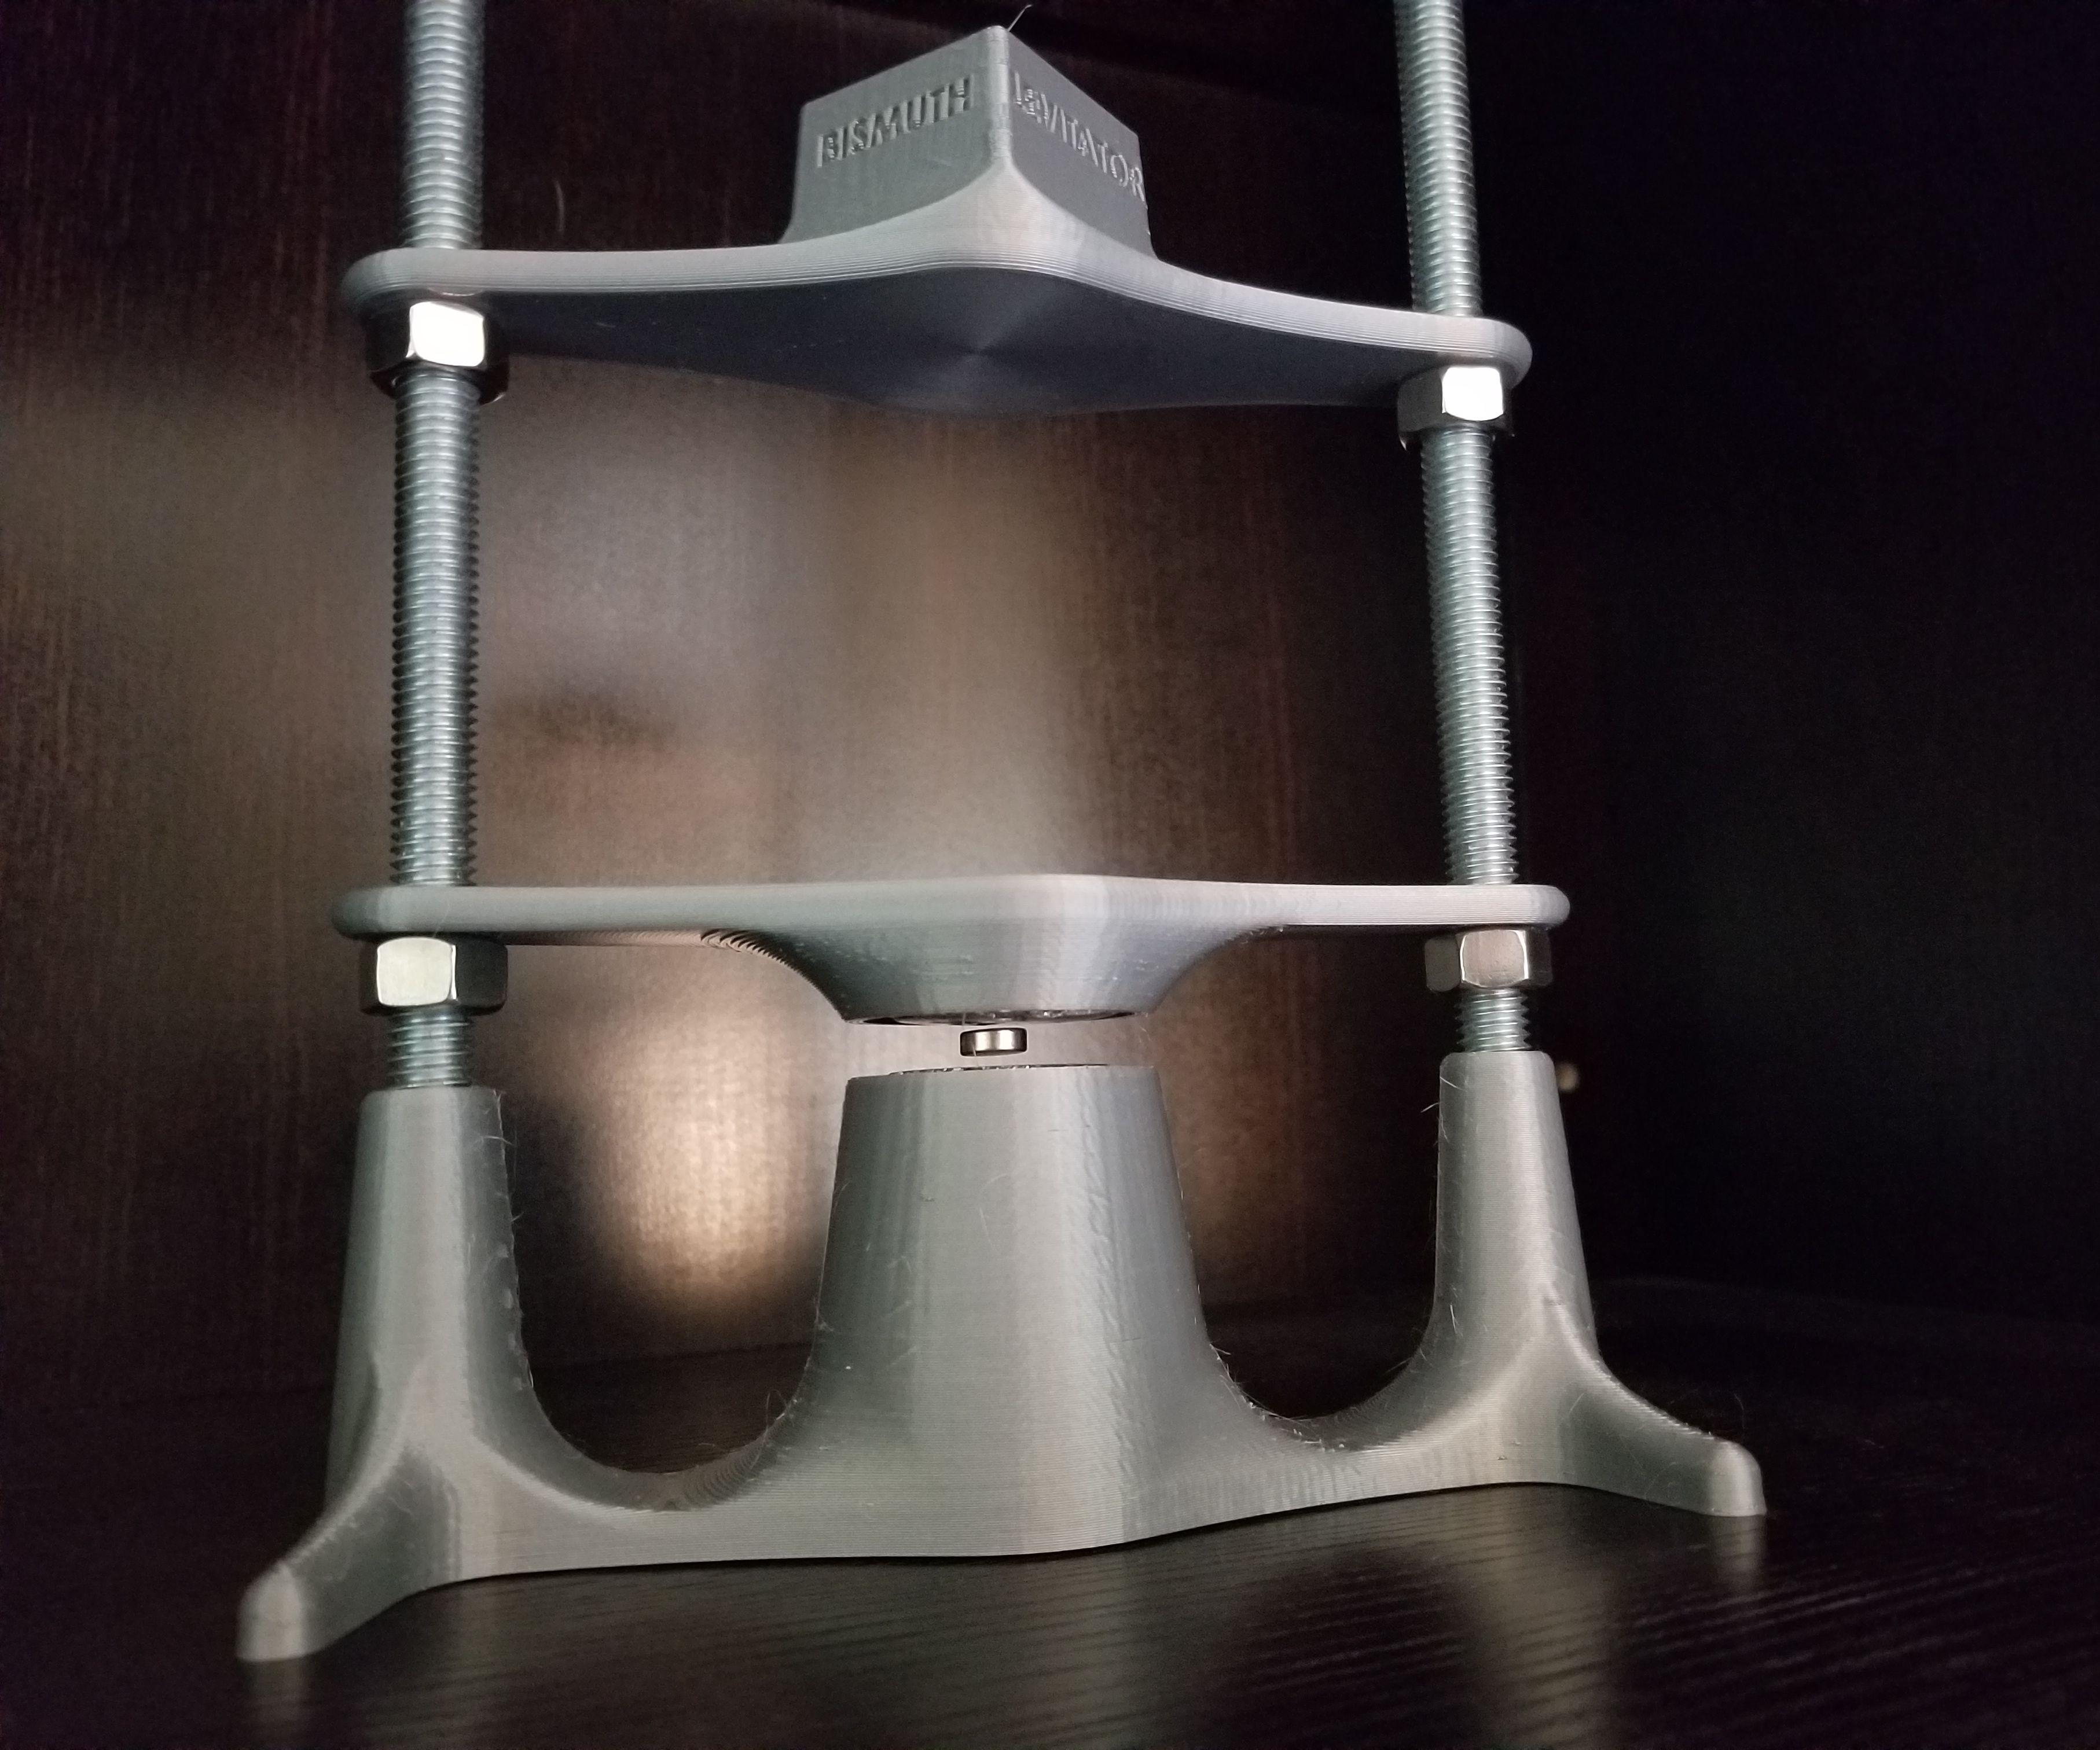 Bismuth Magnet Levitator